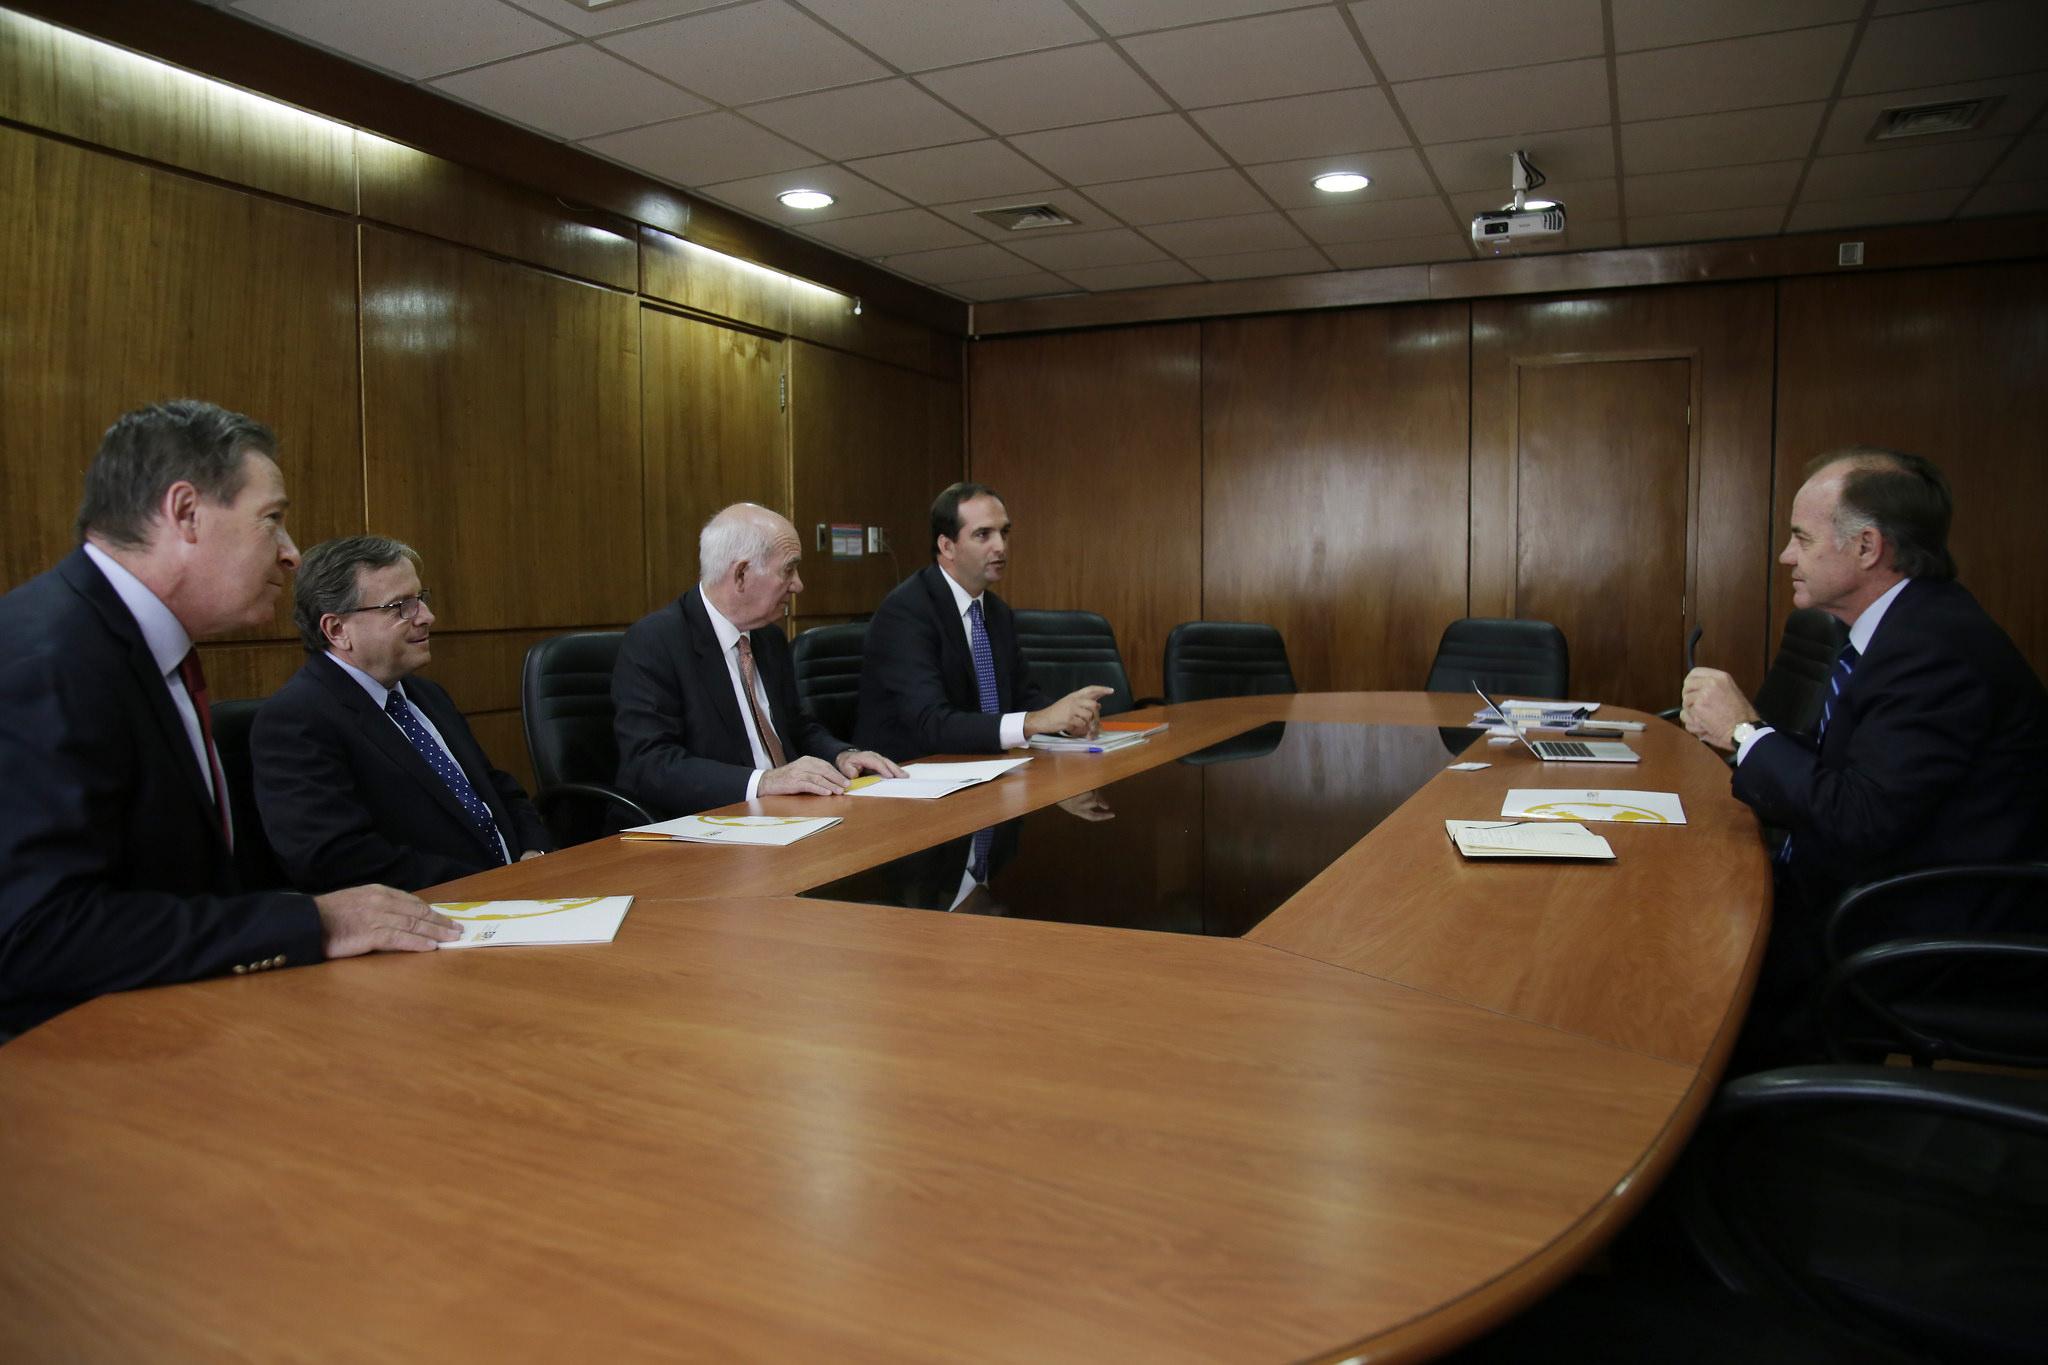 Juan Carlos Domínguez, Juan Lyon, José Guzmán, José Manuel Allende, Antonio Walker